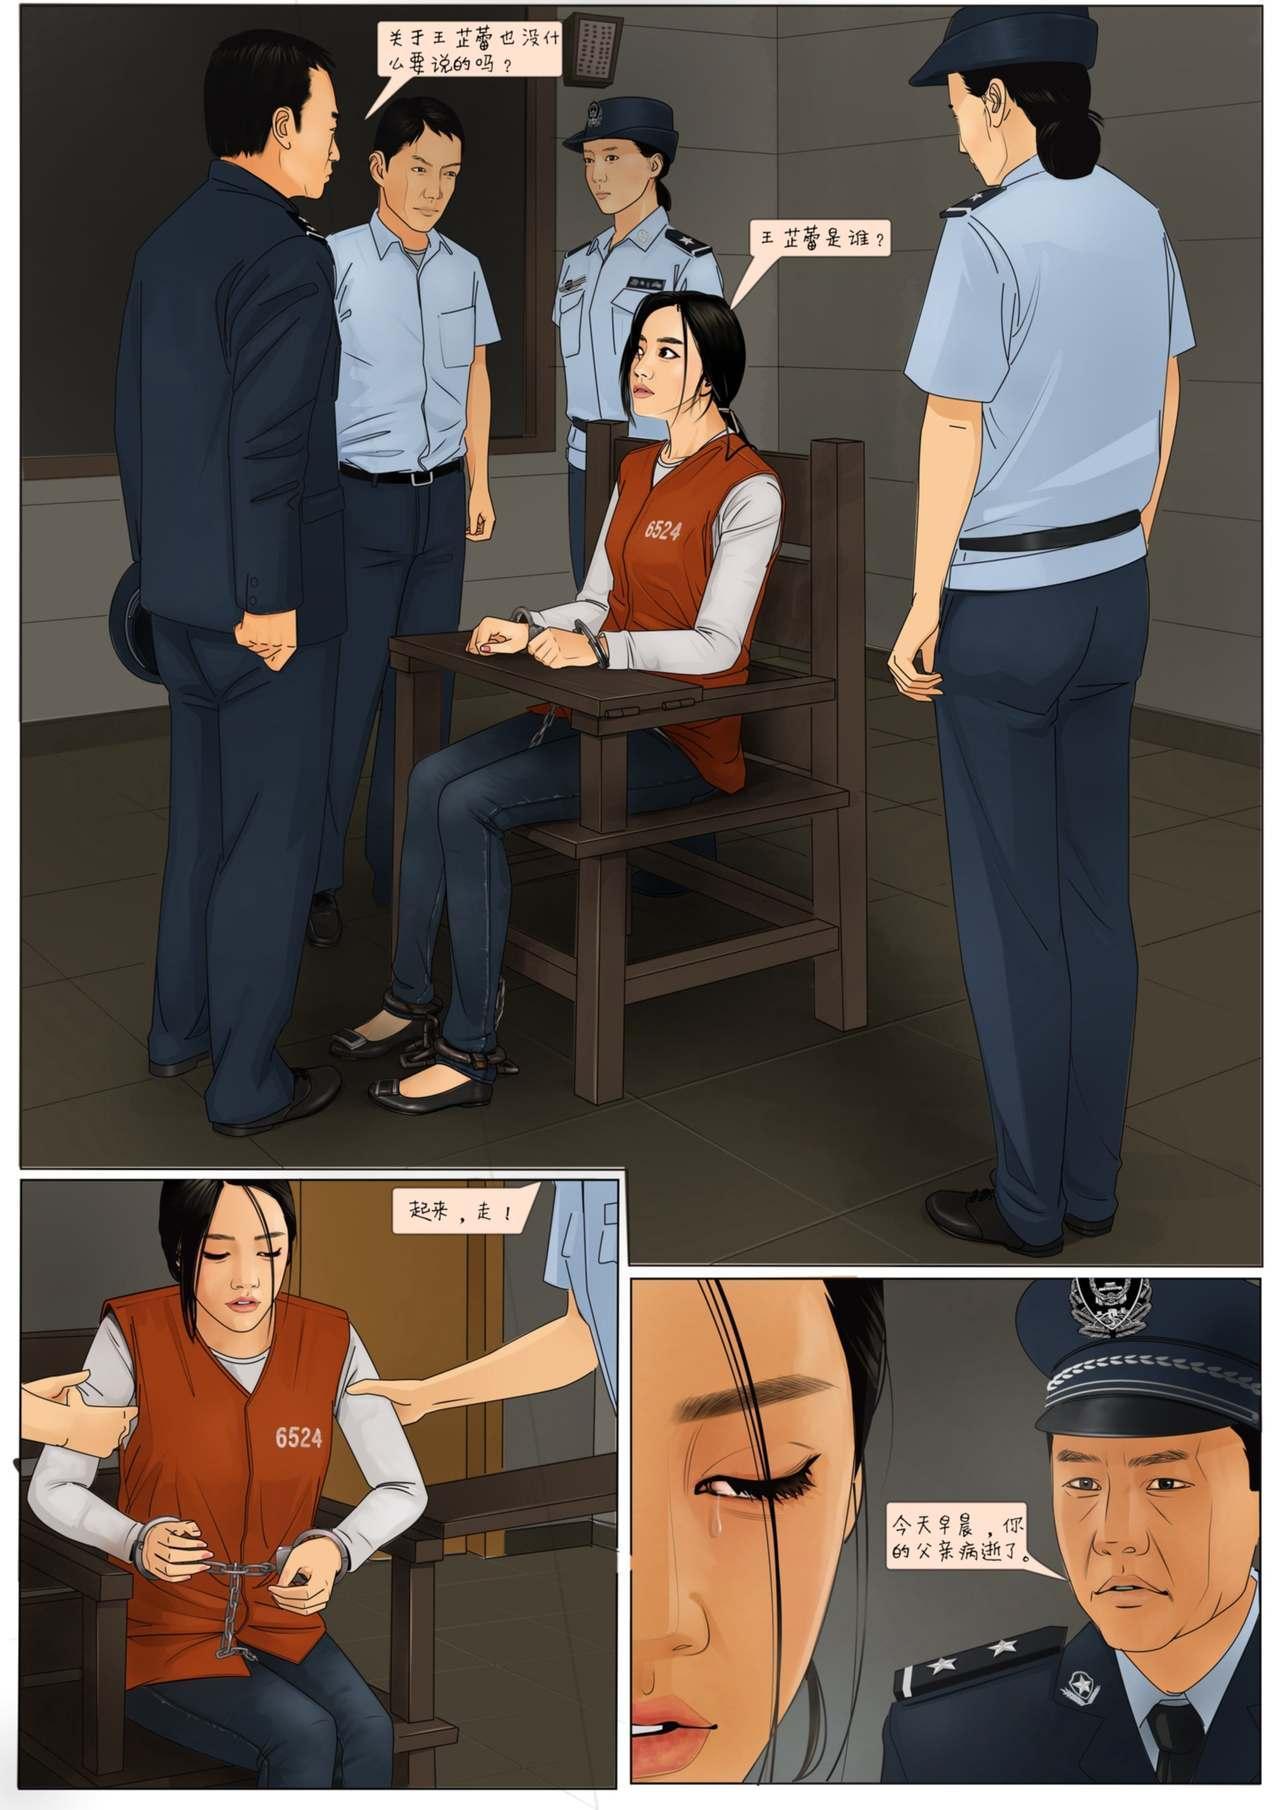 [枫语]Three Female Prisoners 3 [Chinese]中文 19